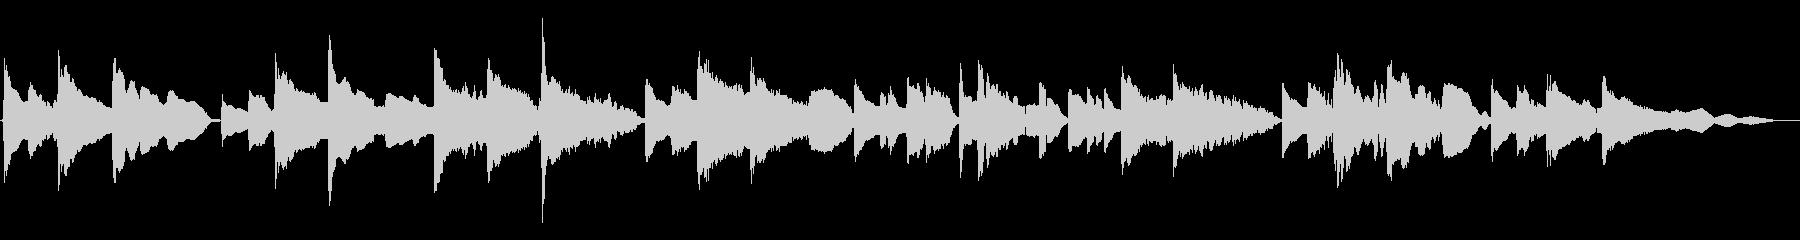 琴線に触れるメロディーのサックス重奏曲の未再生の波形